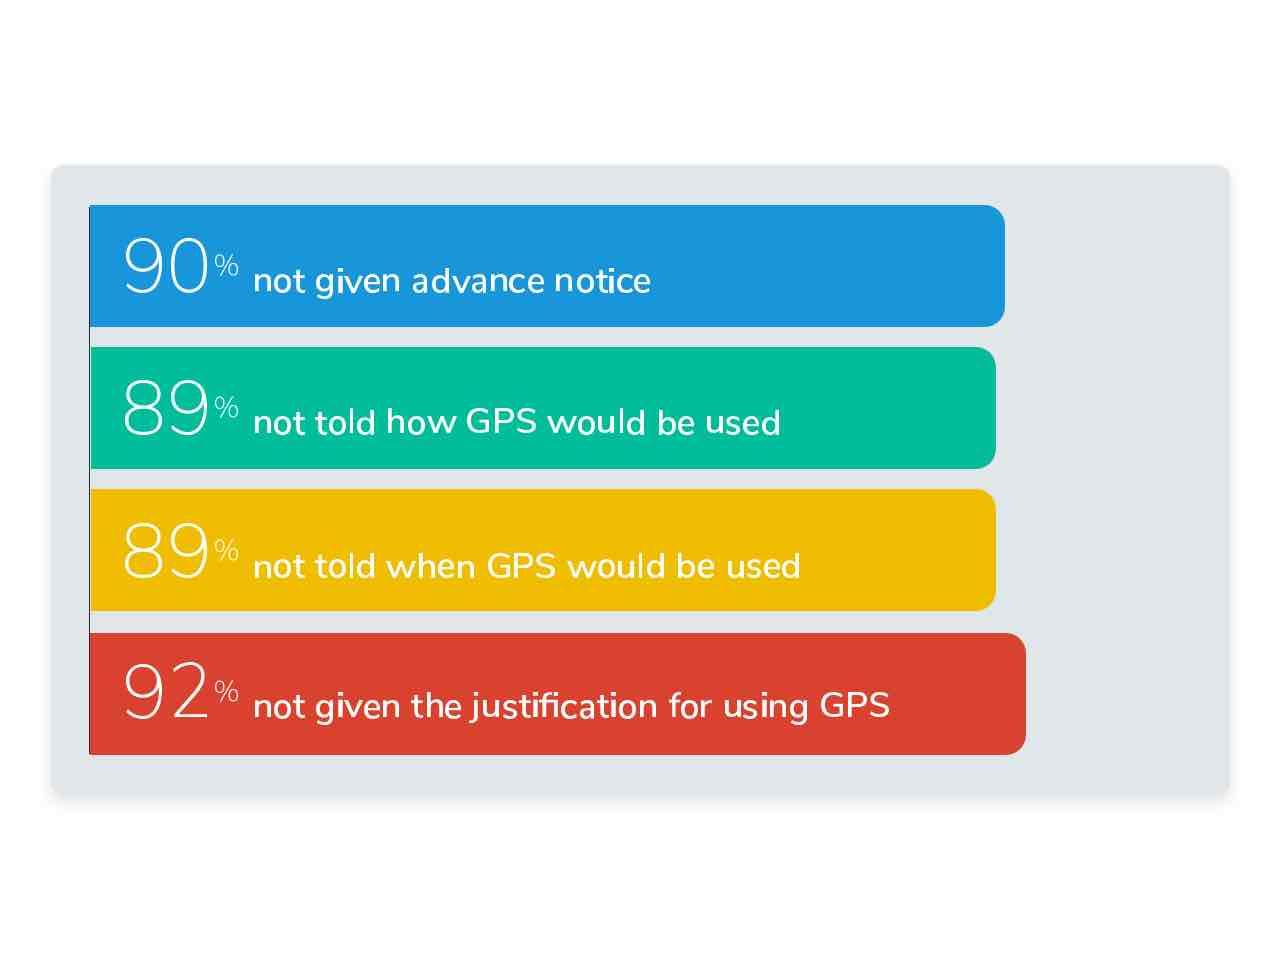 Survey illustration when informed of GPS usage